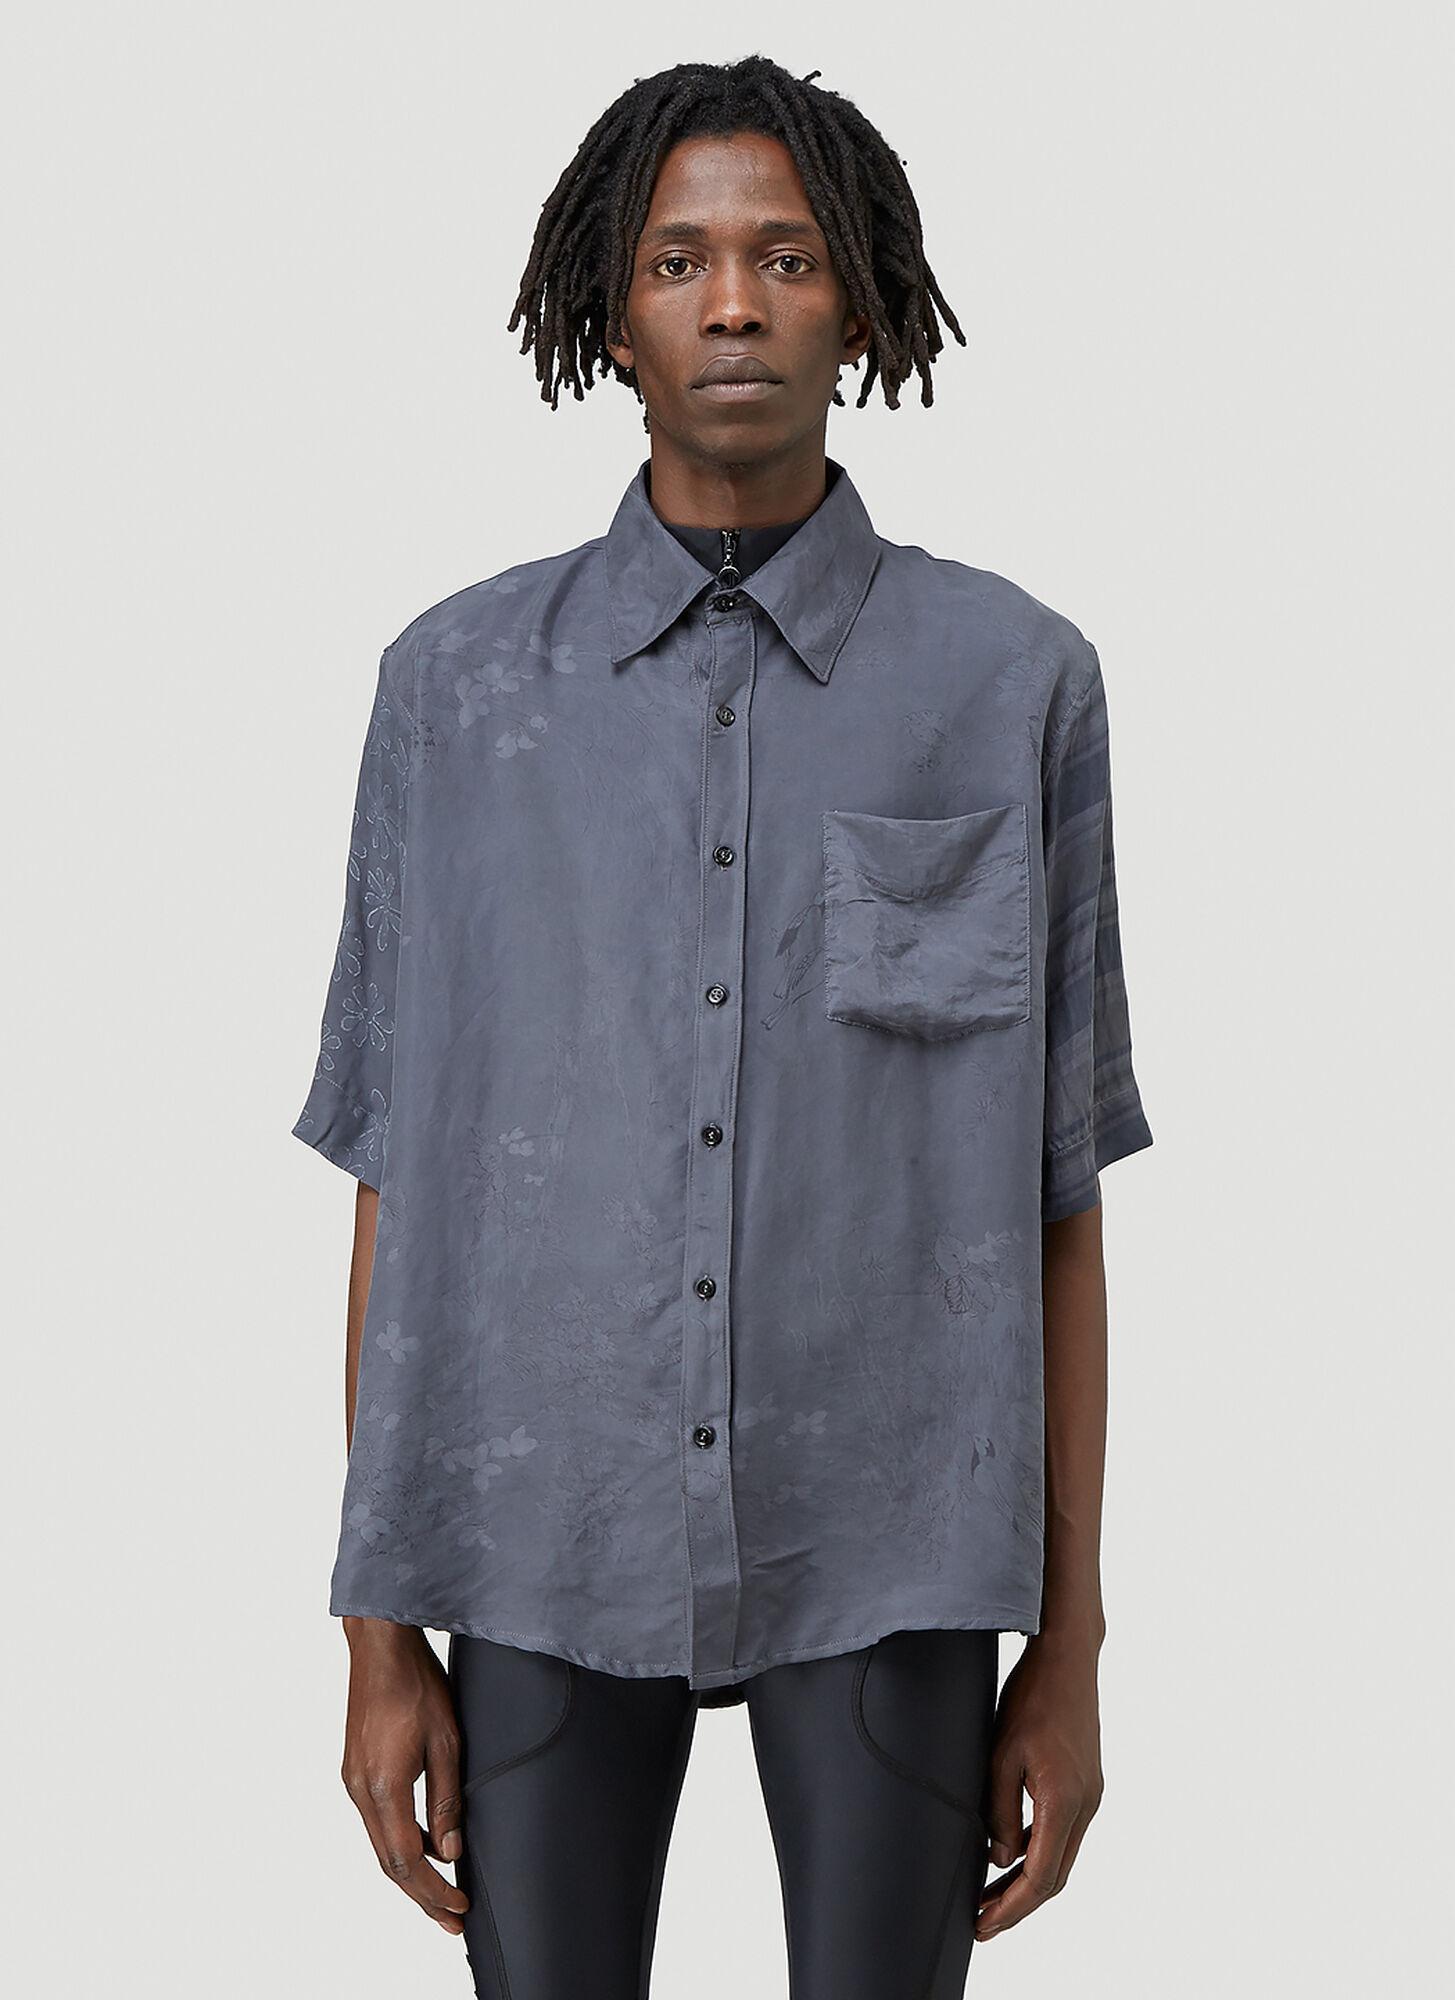 male Grey 100% Silk. Dry clean.